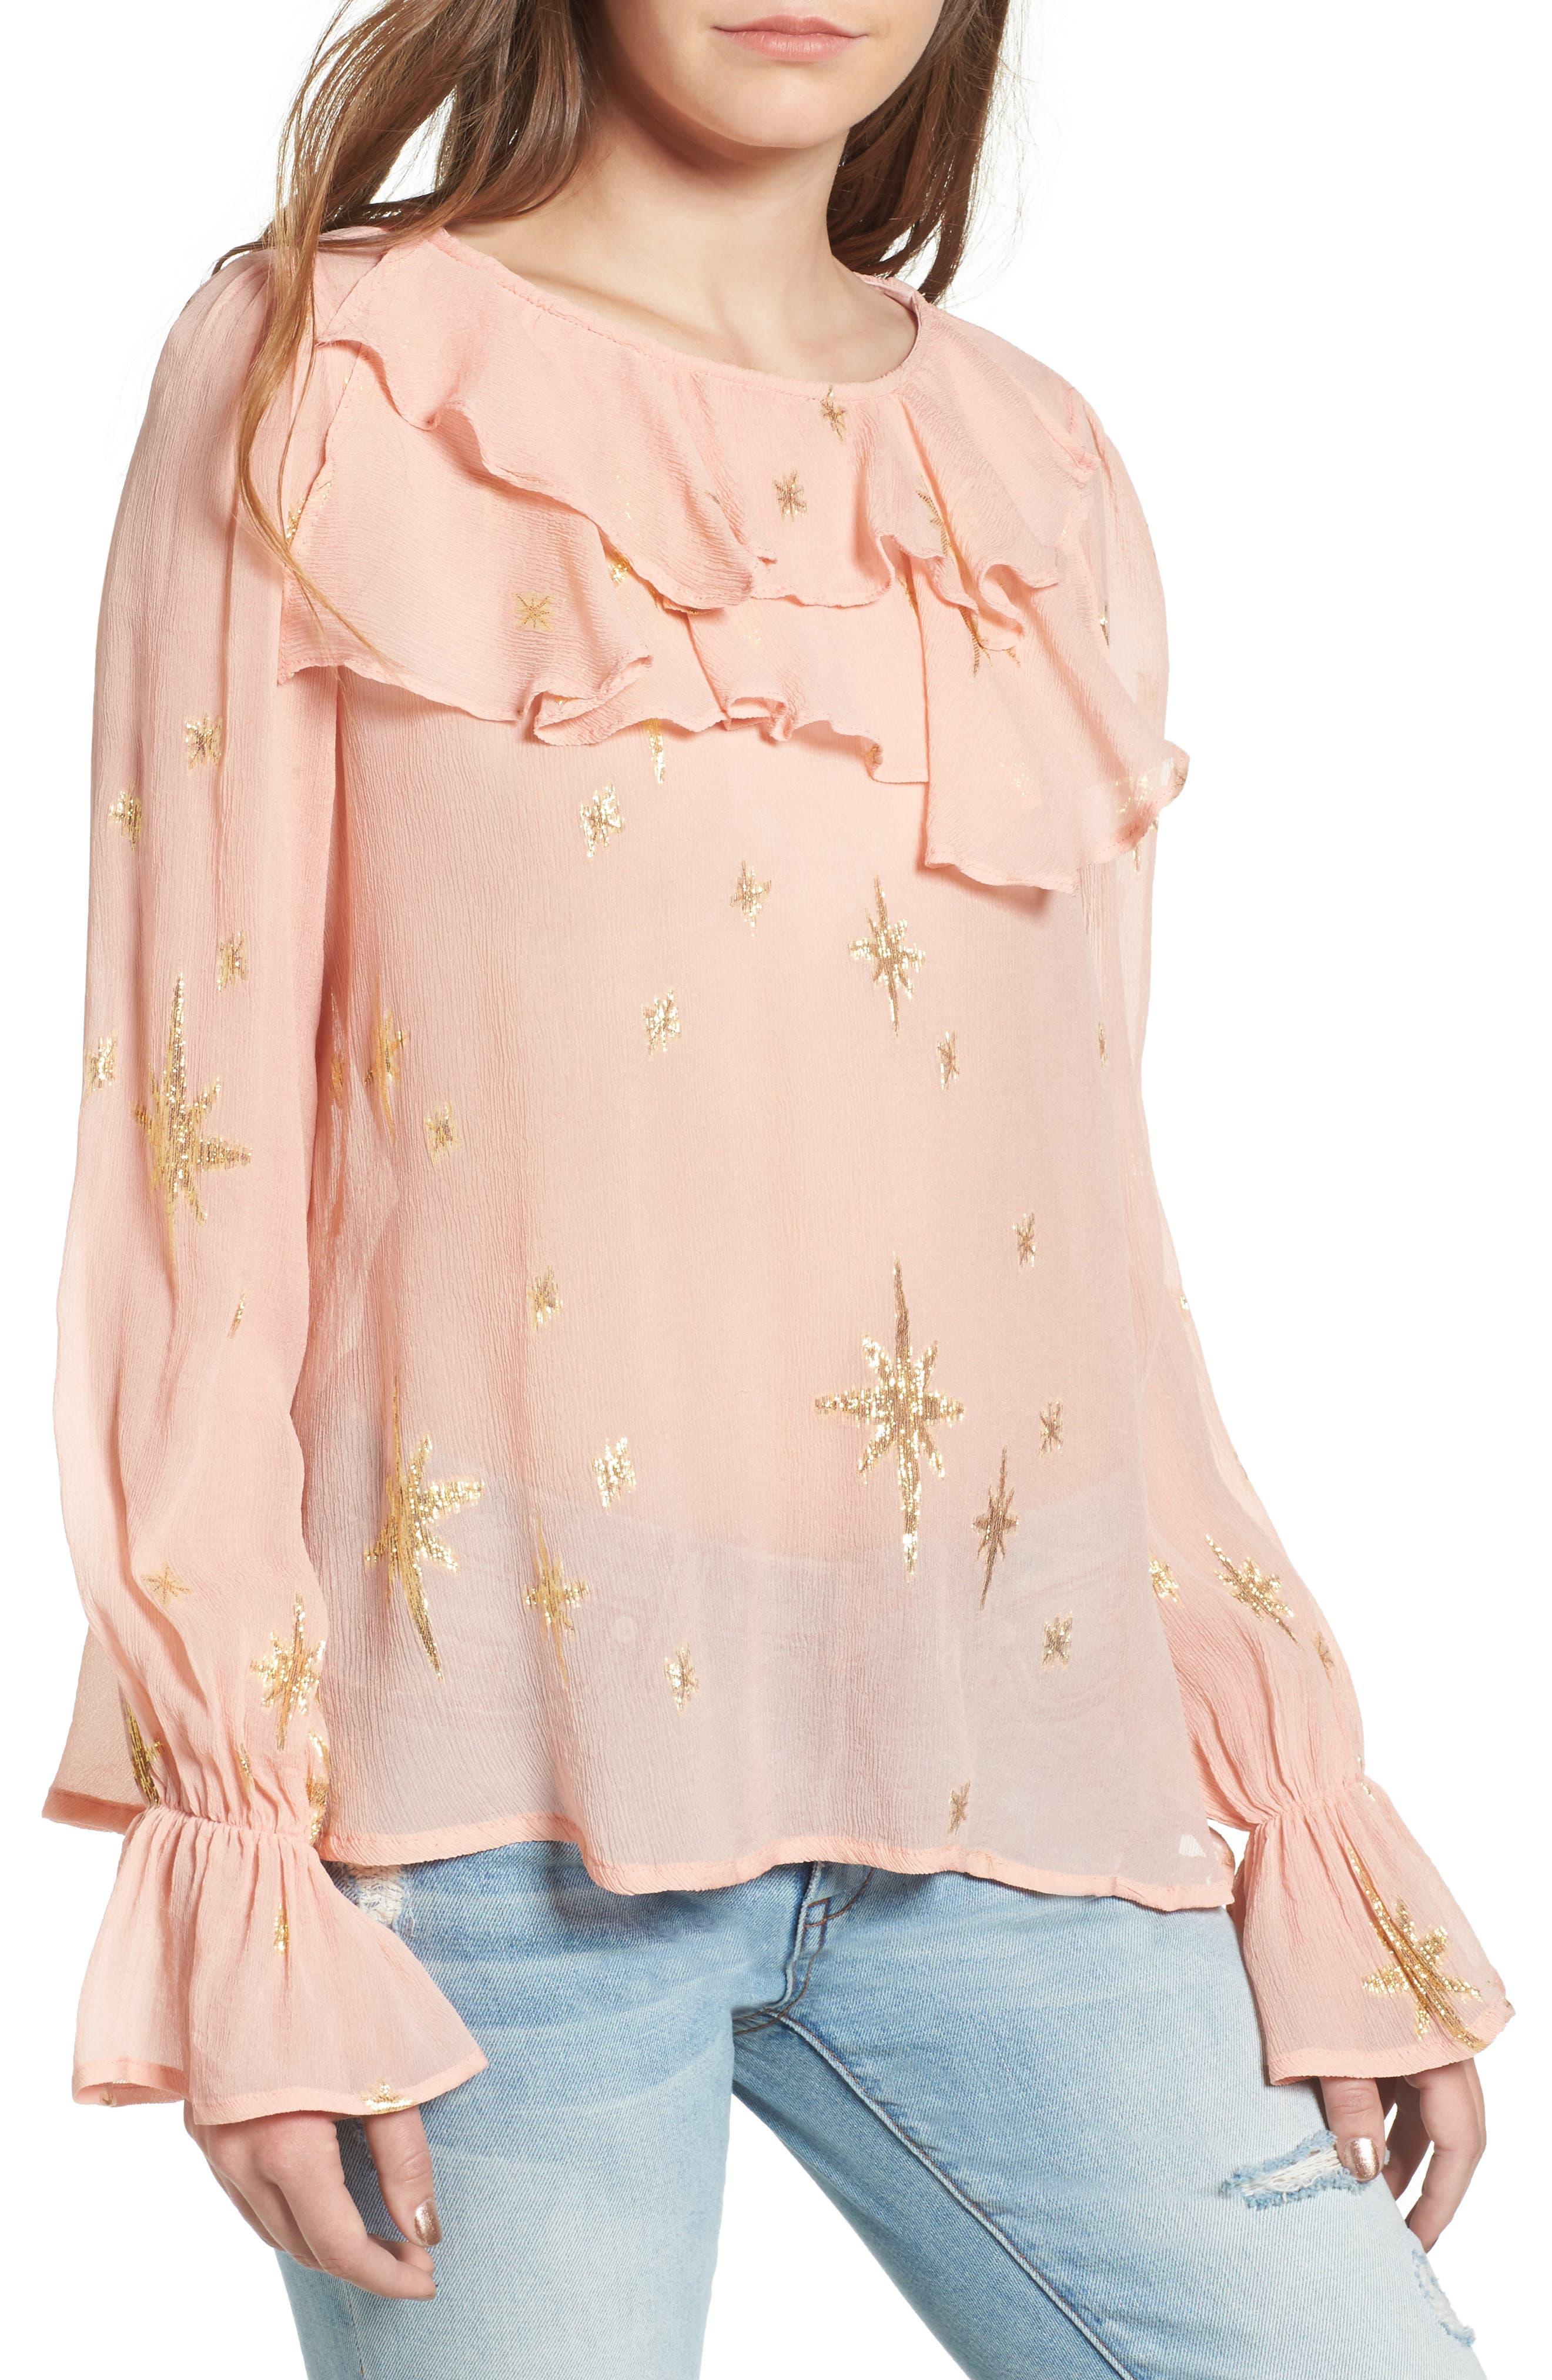 Main Image - For Love & Lemons Gilded Star Blouse